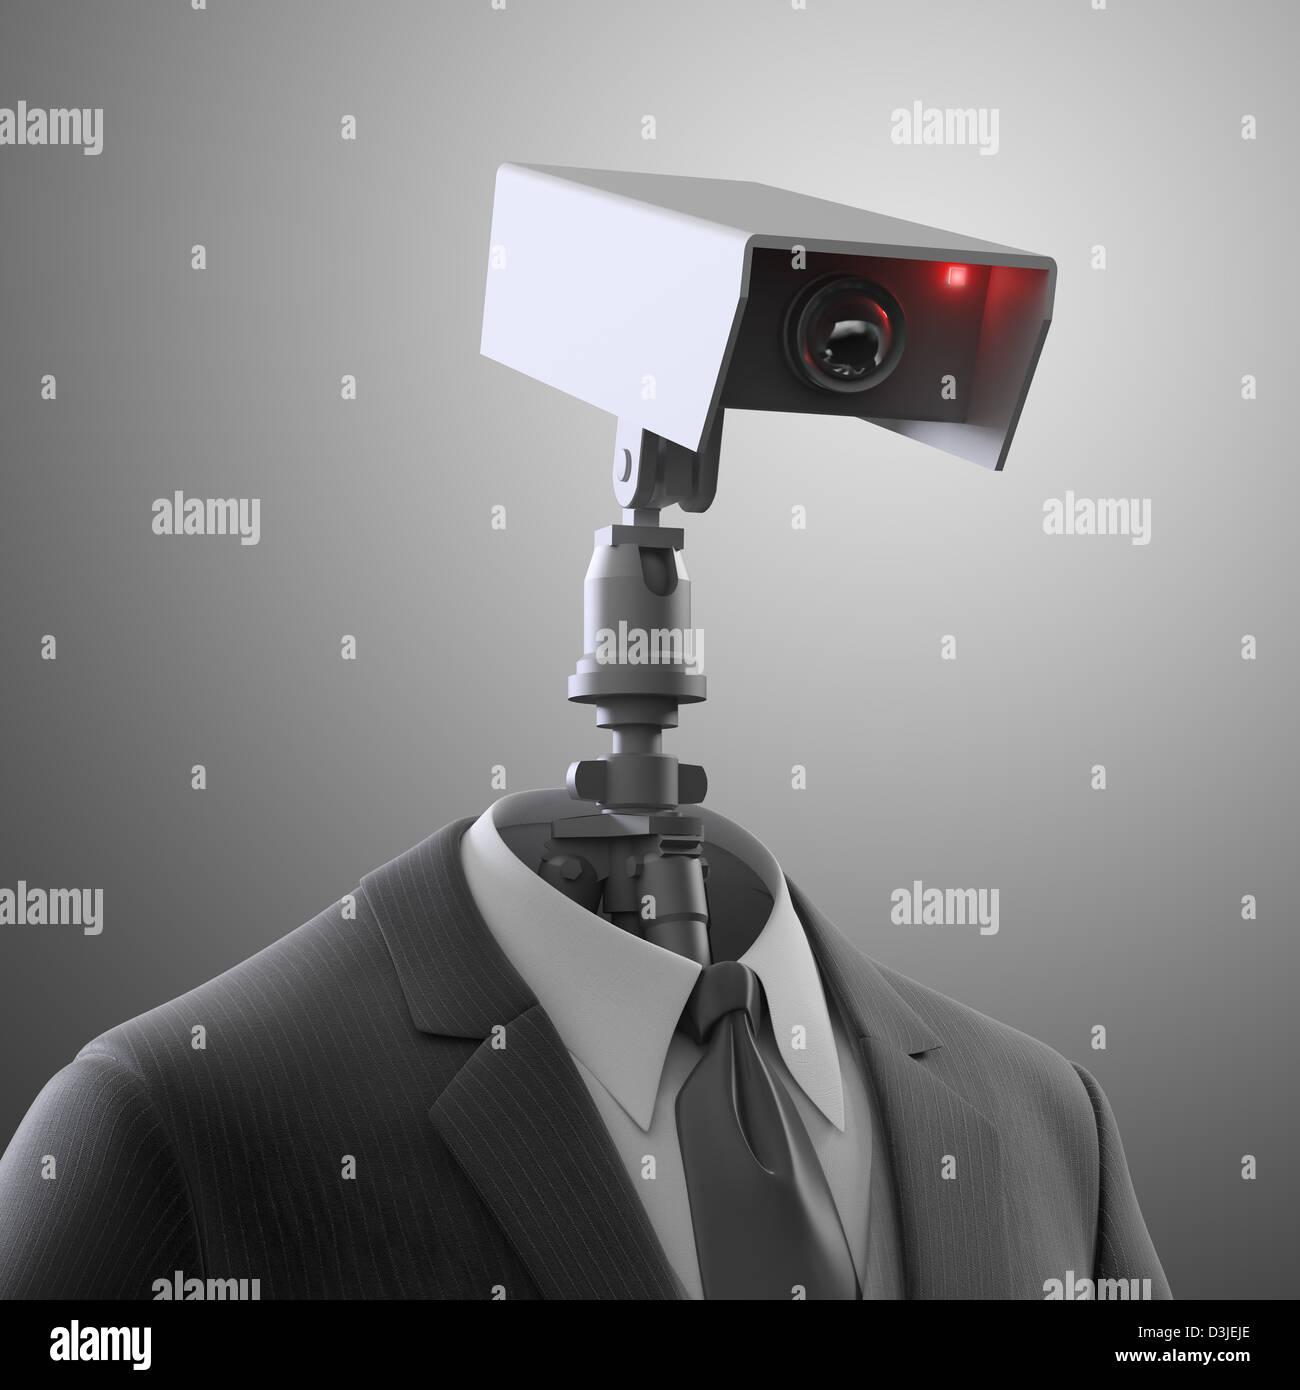 Un manipolatore robotico di una telecamera di sicurezza - sorveglianza automatizzata Immagini Stock